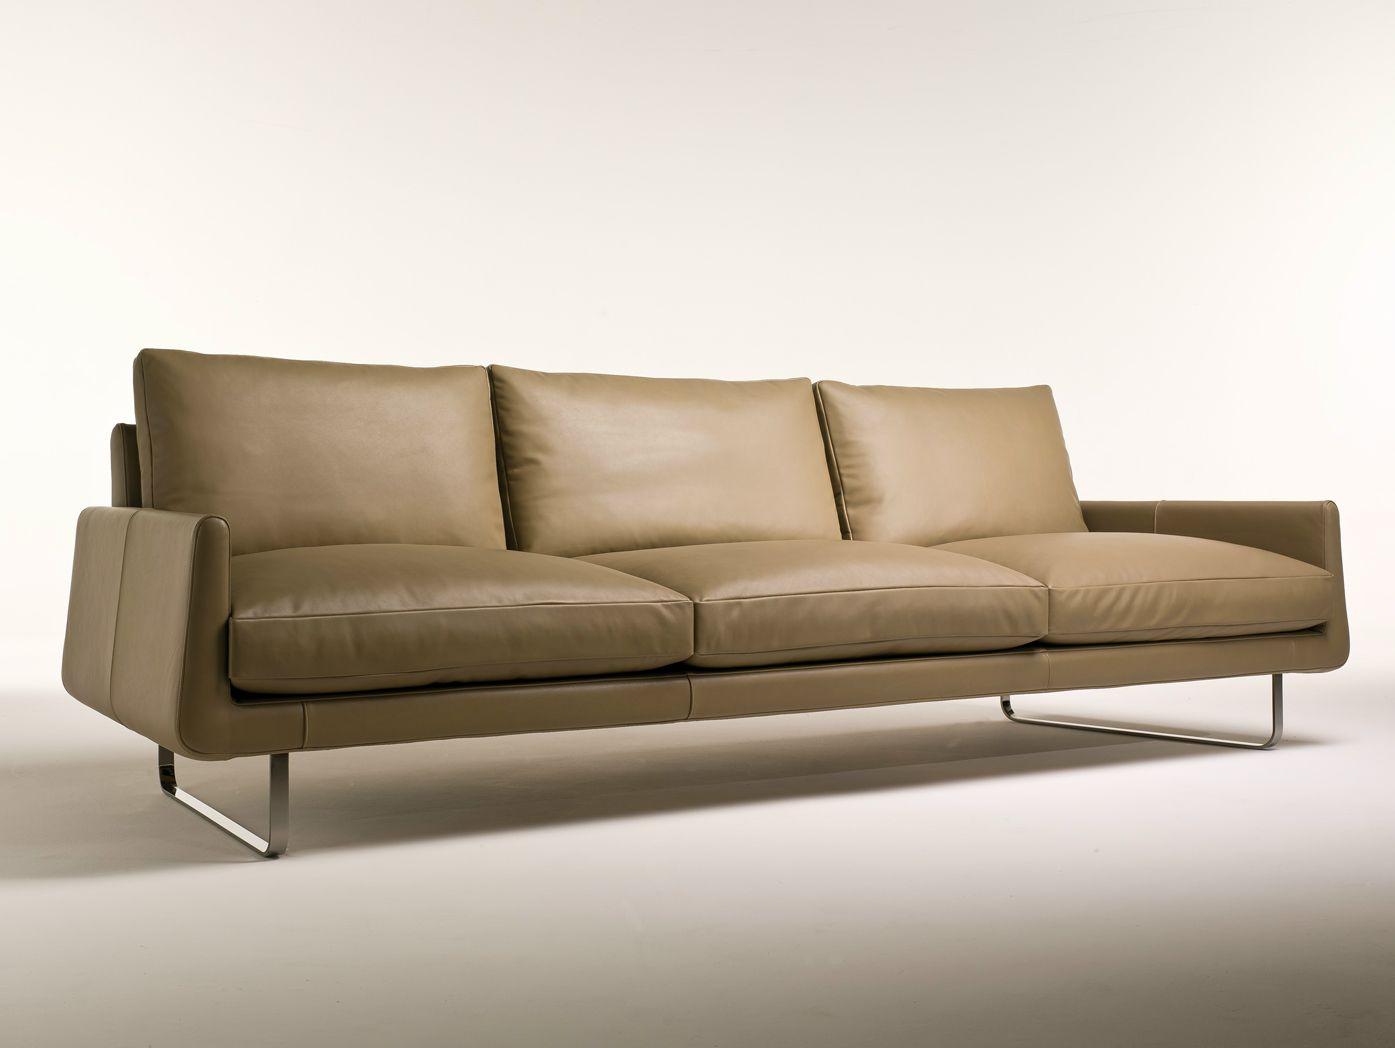 3 Seater Leather Sofa Joshua Collection By I 4 Mariani Design Umberto Asnago Sofa Leather Sofa Living Room Sofa Design